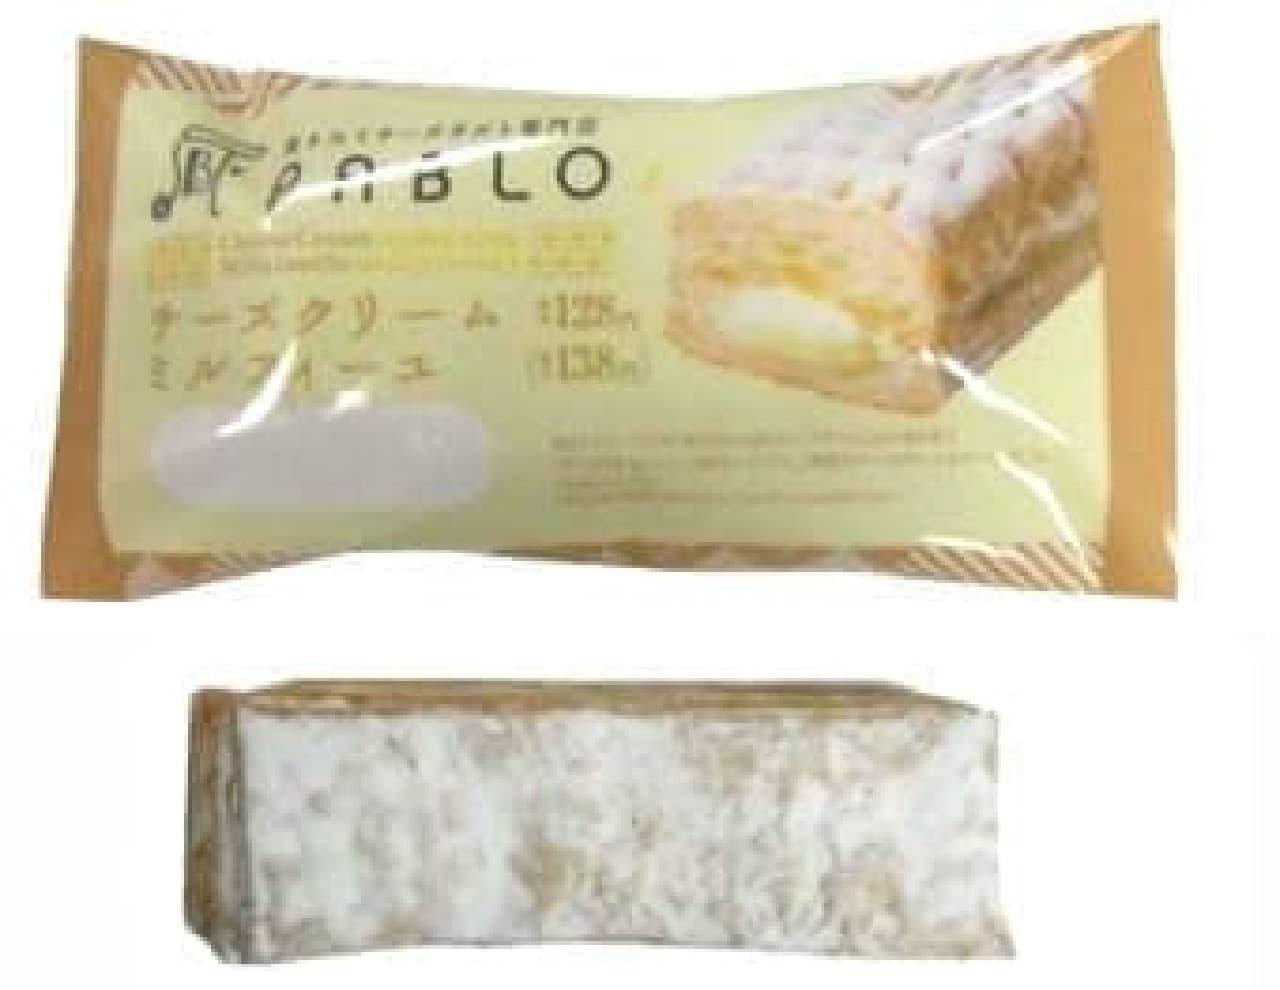 サクサクのパイで、チーズクリームをサンド!